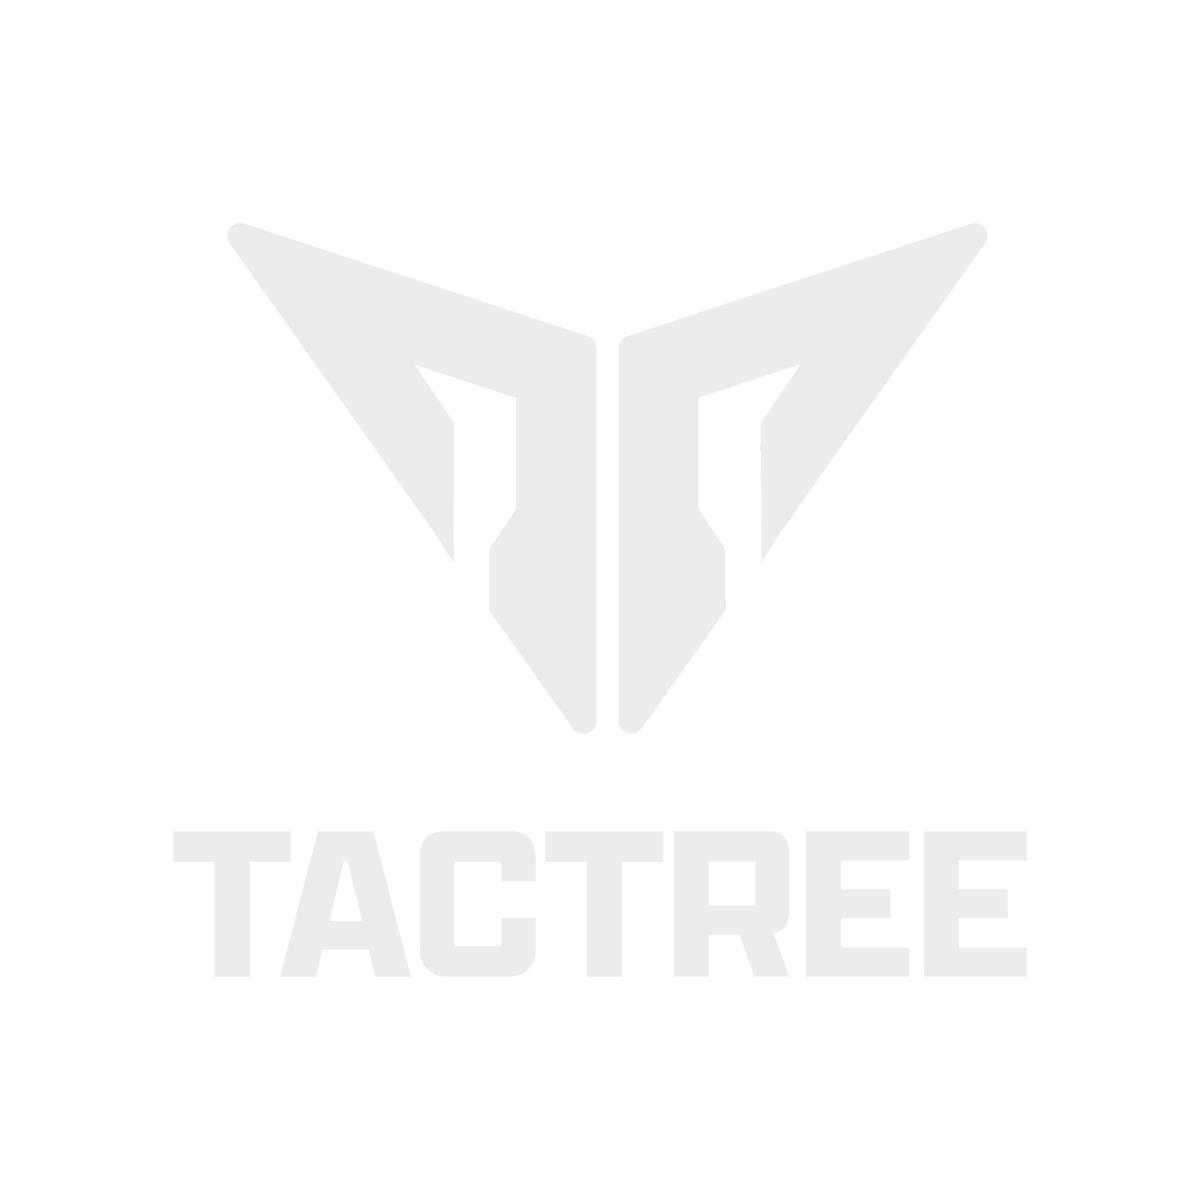 Faretec CT-6 Traction Splint